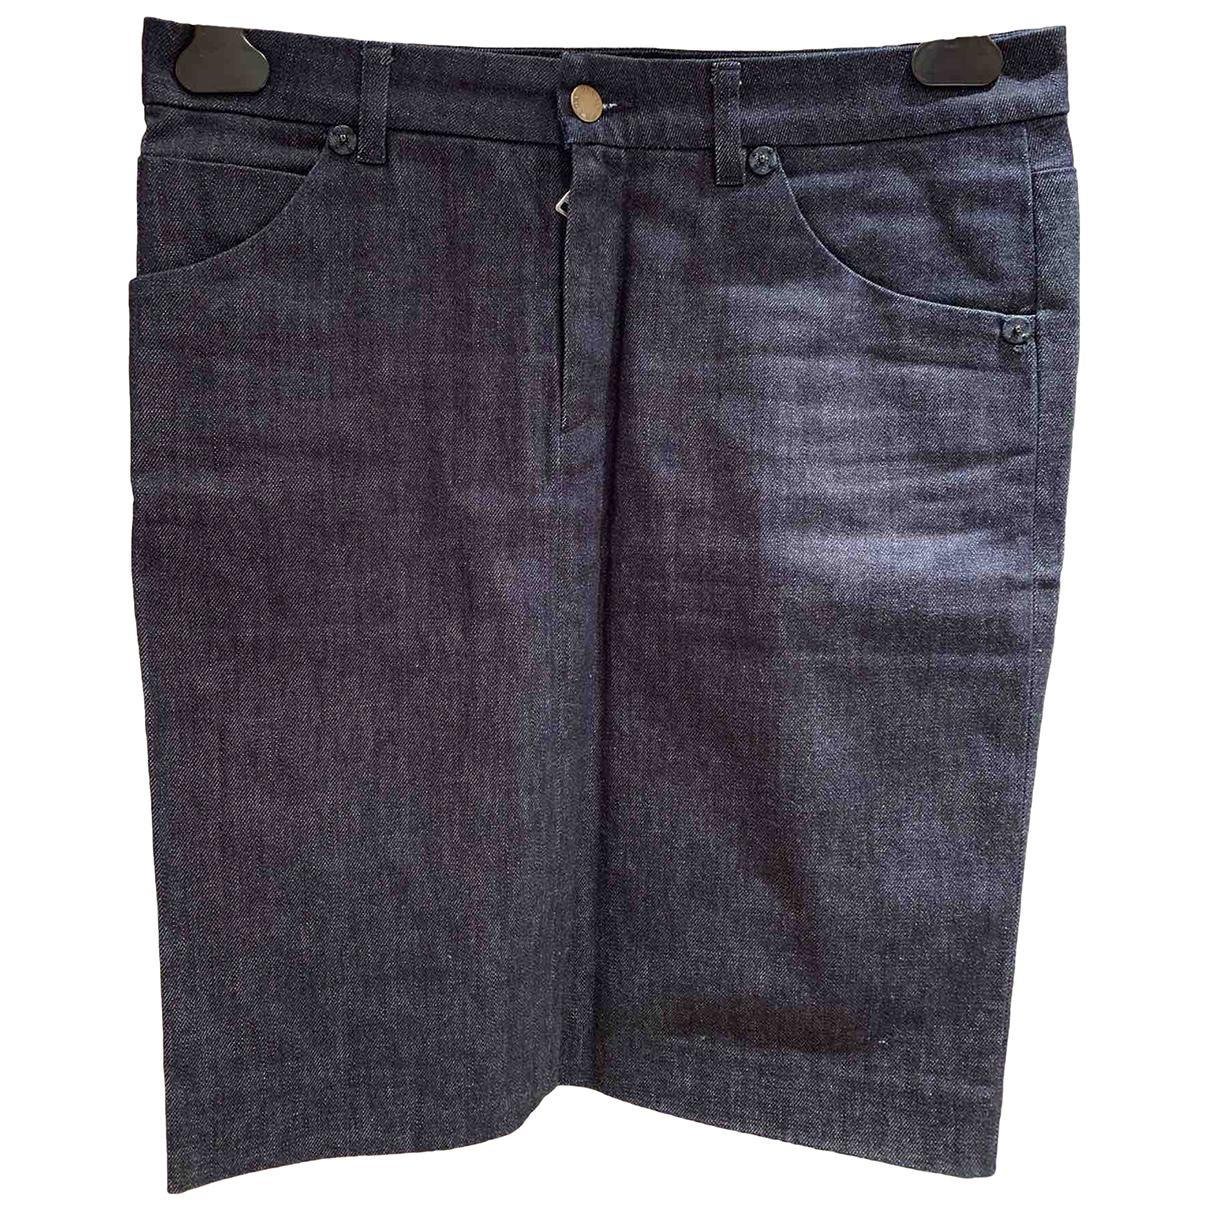 Prada \N Blue Cotton skirt for Women 42 IT